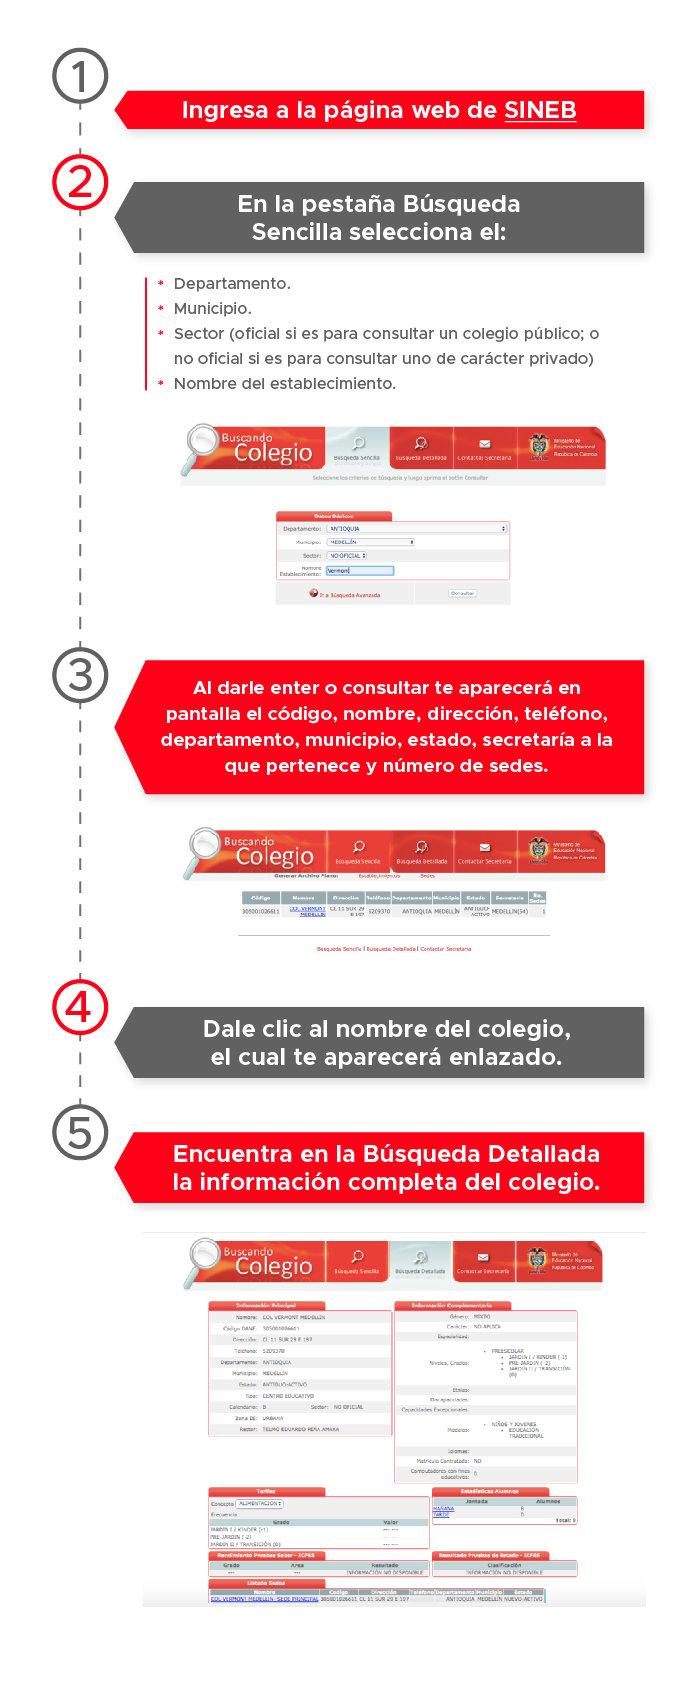 infografía-busqueda-colegios-colombia-ministerio-educacion